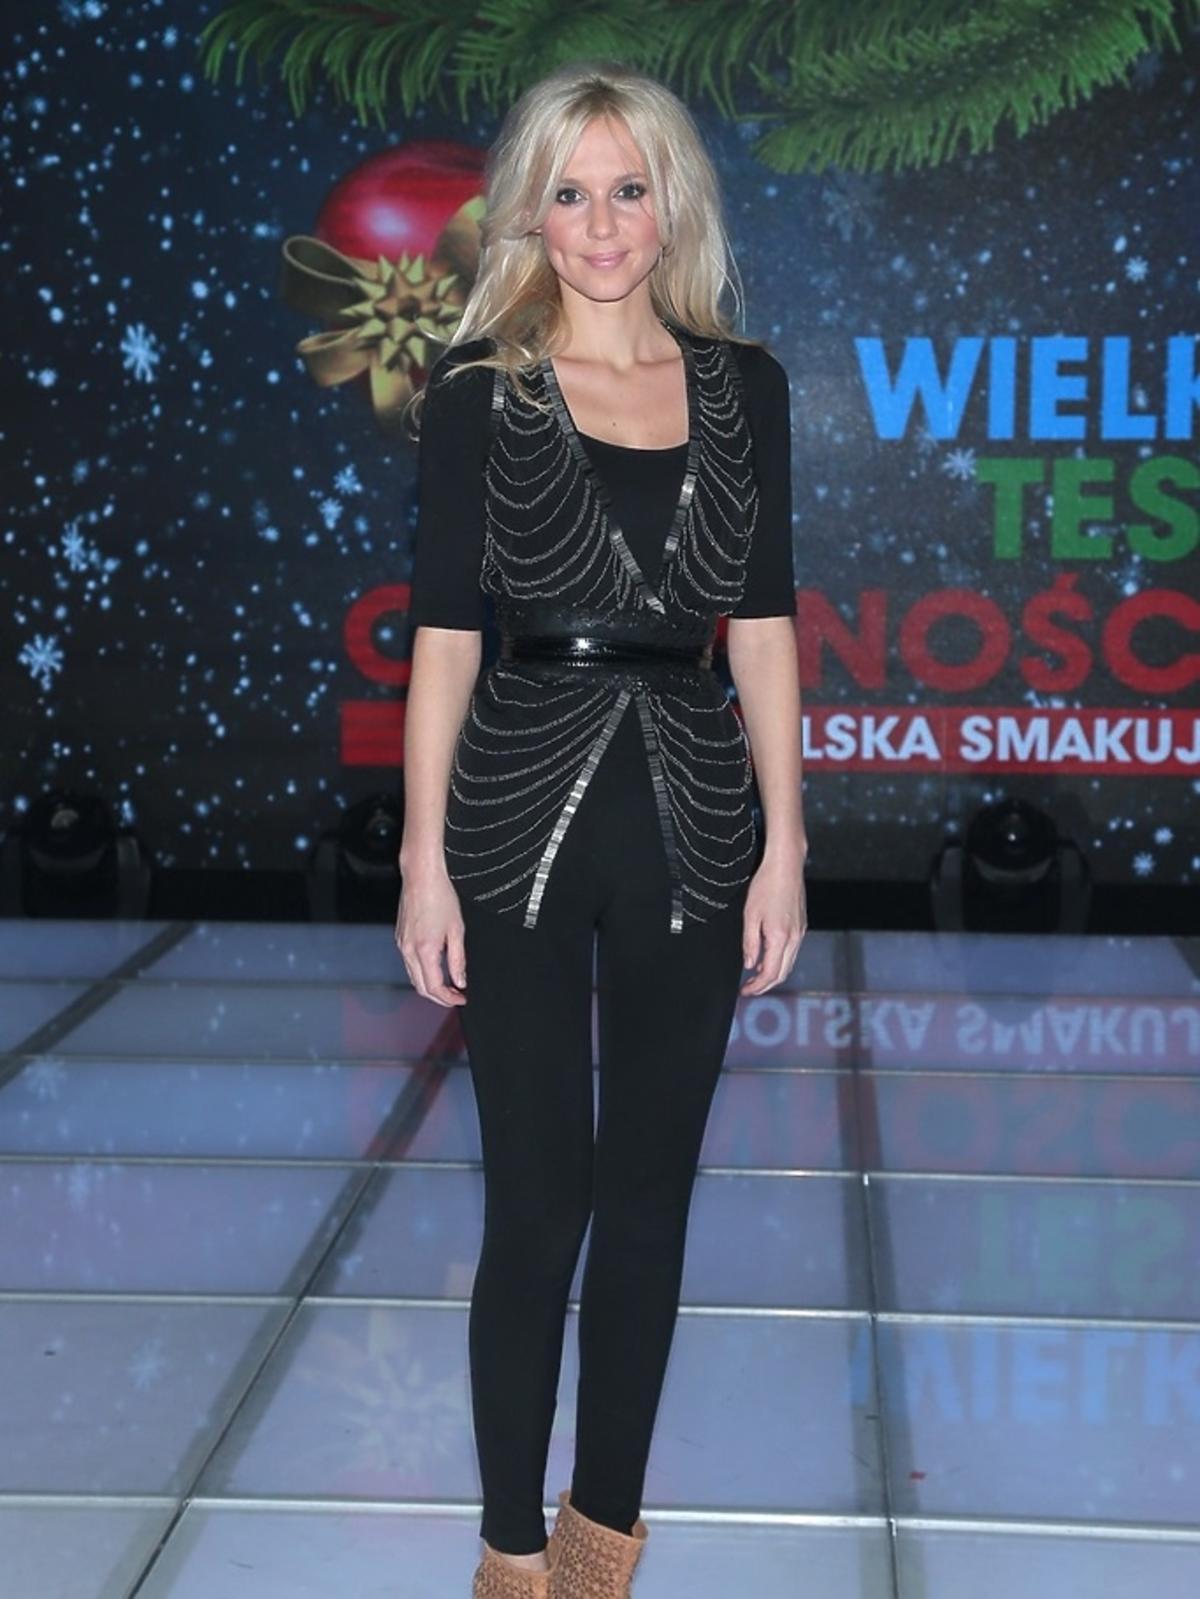 Katarzyna Mos